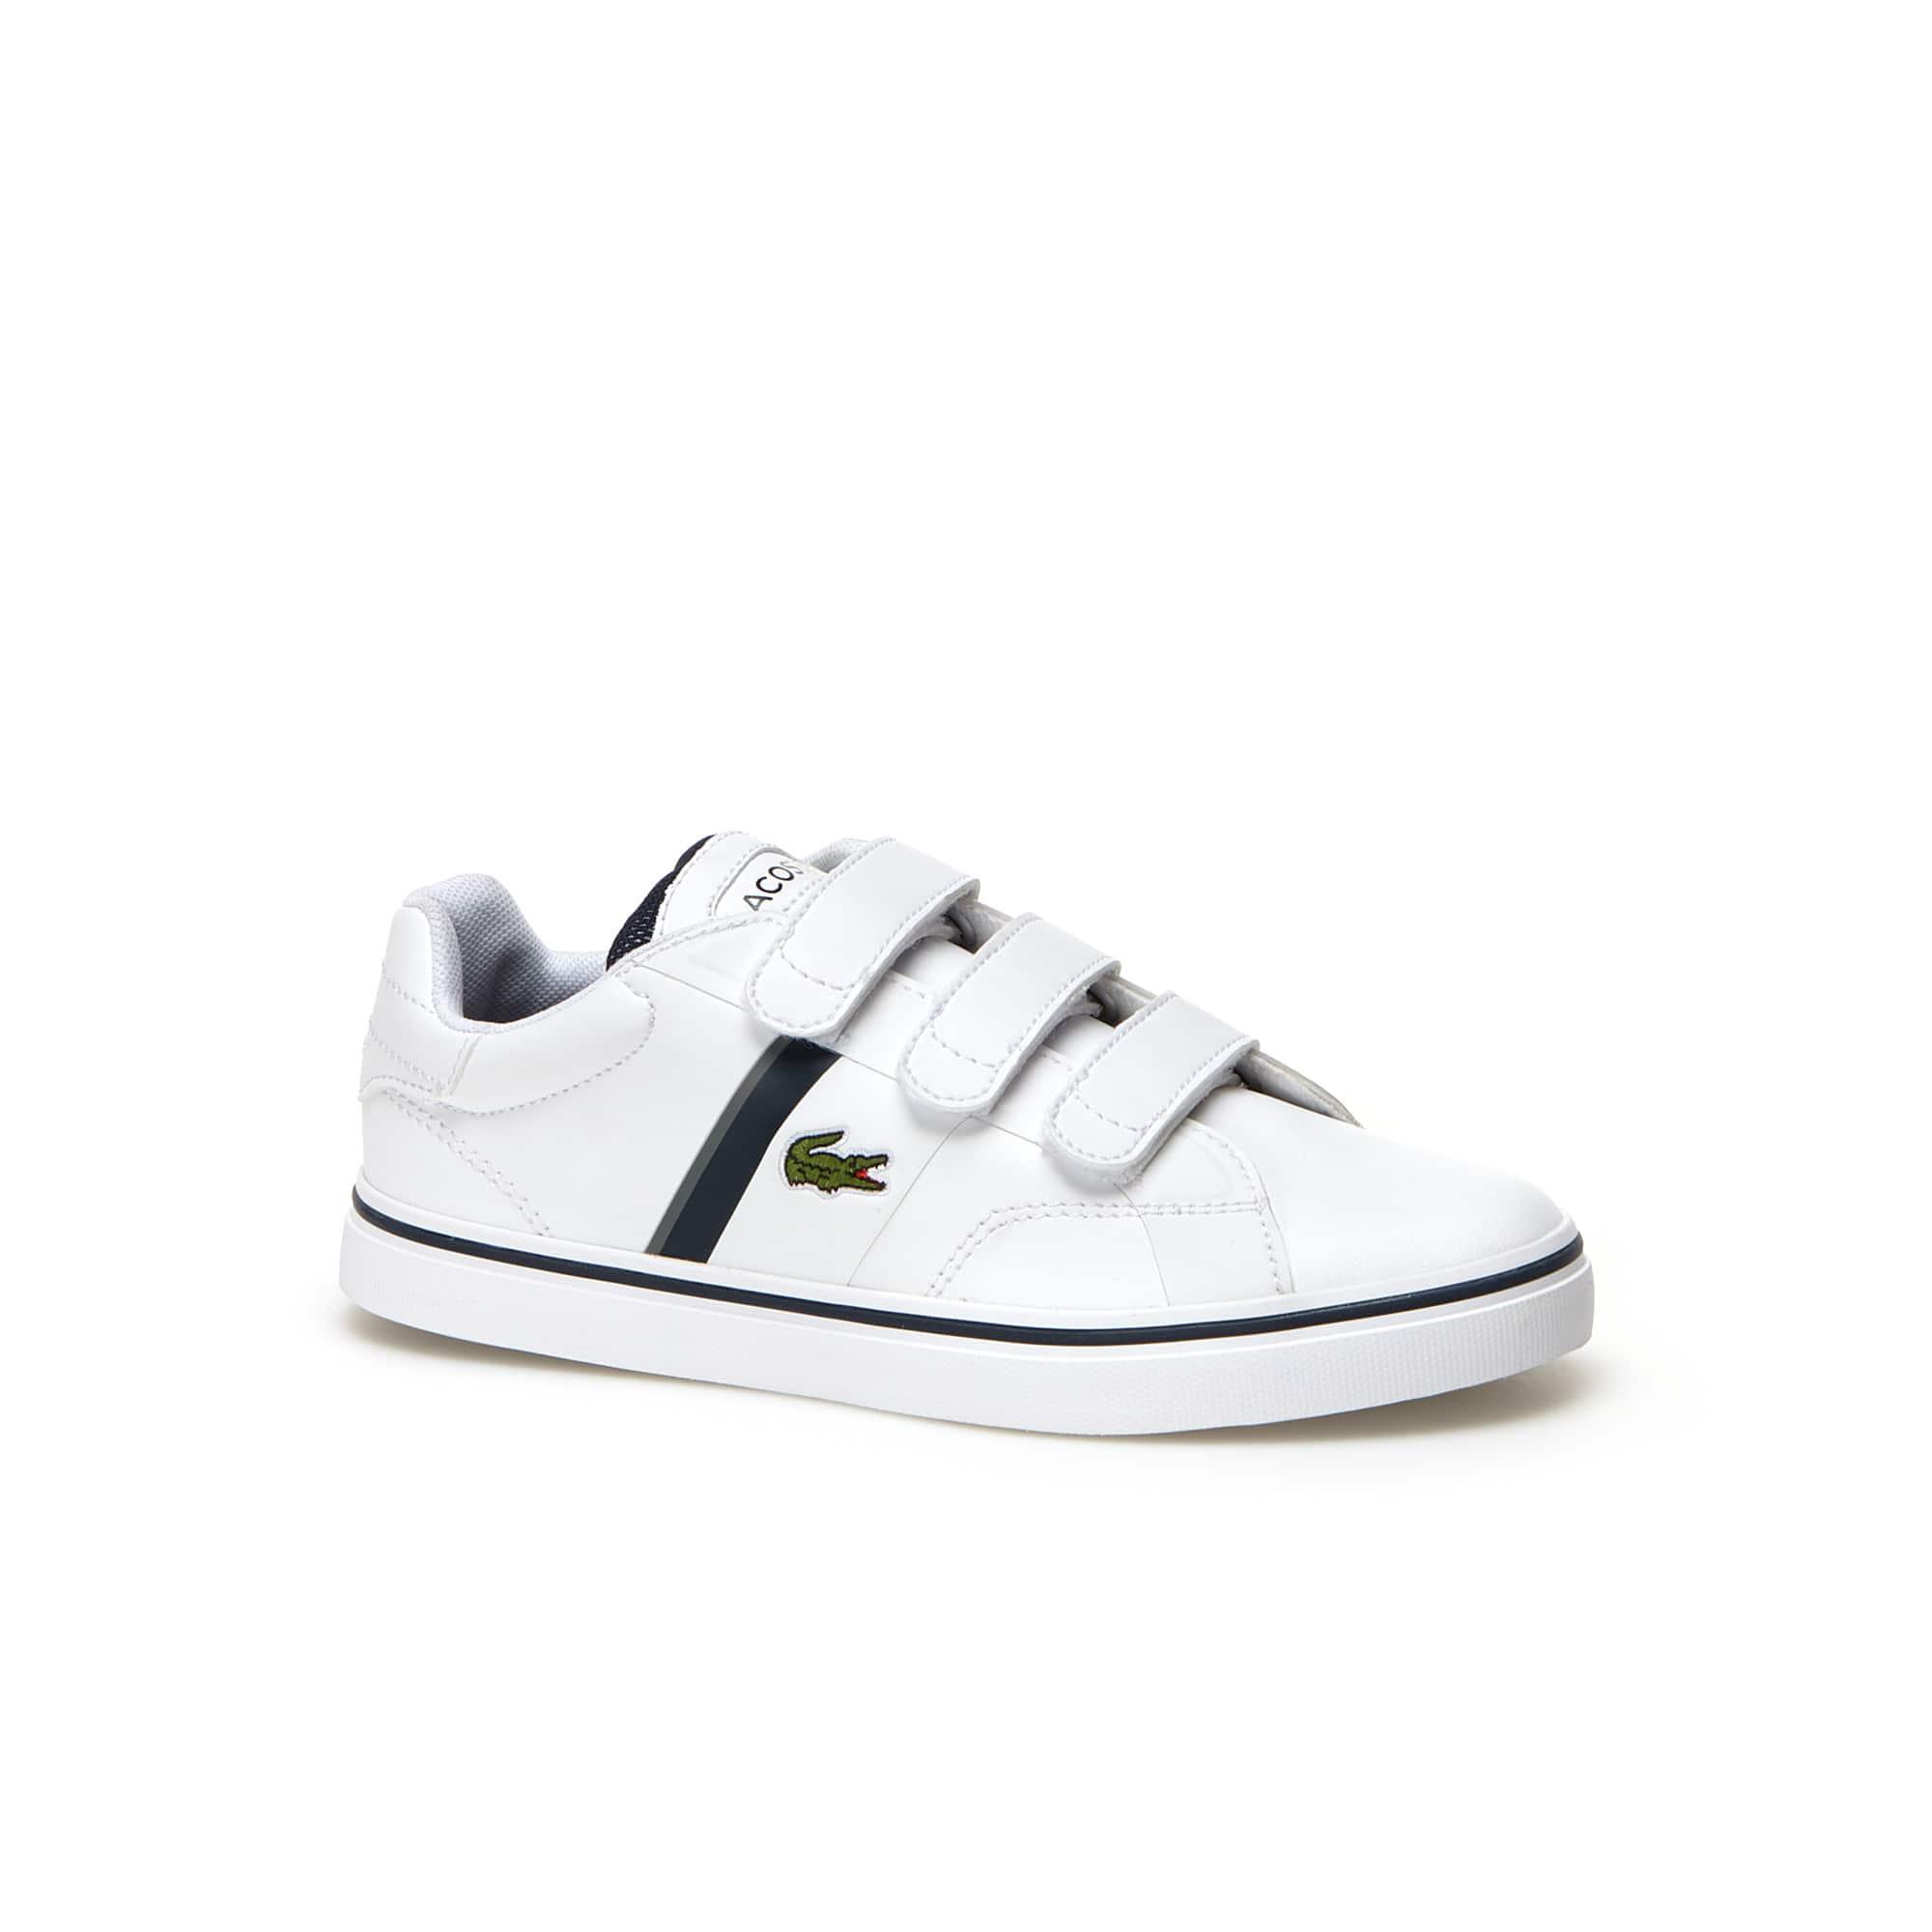 Sneakers con chiusure rapide Kids Fairlead